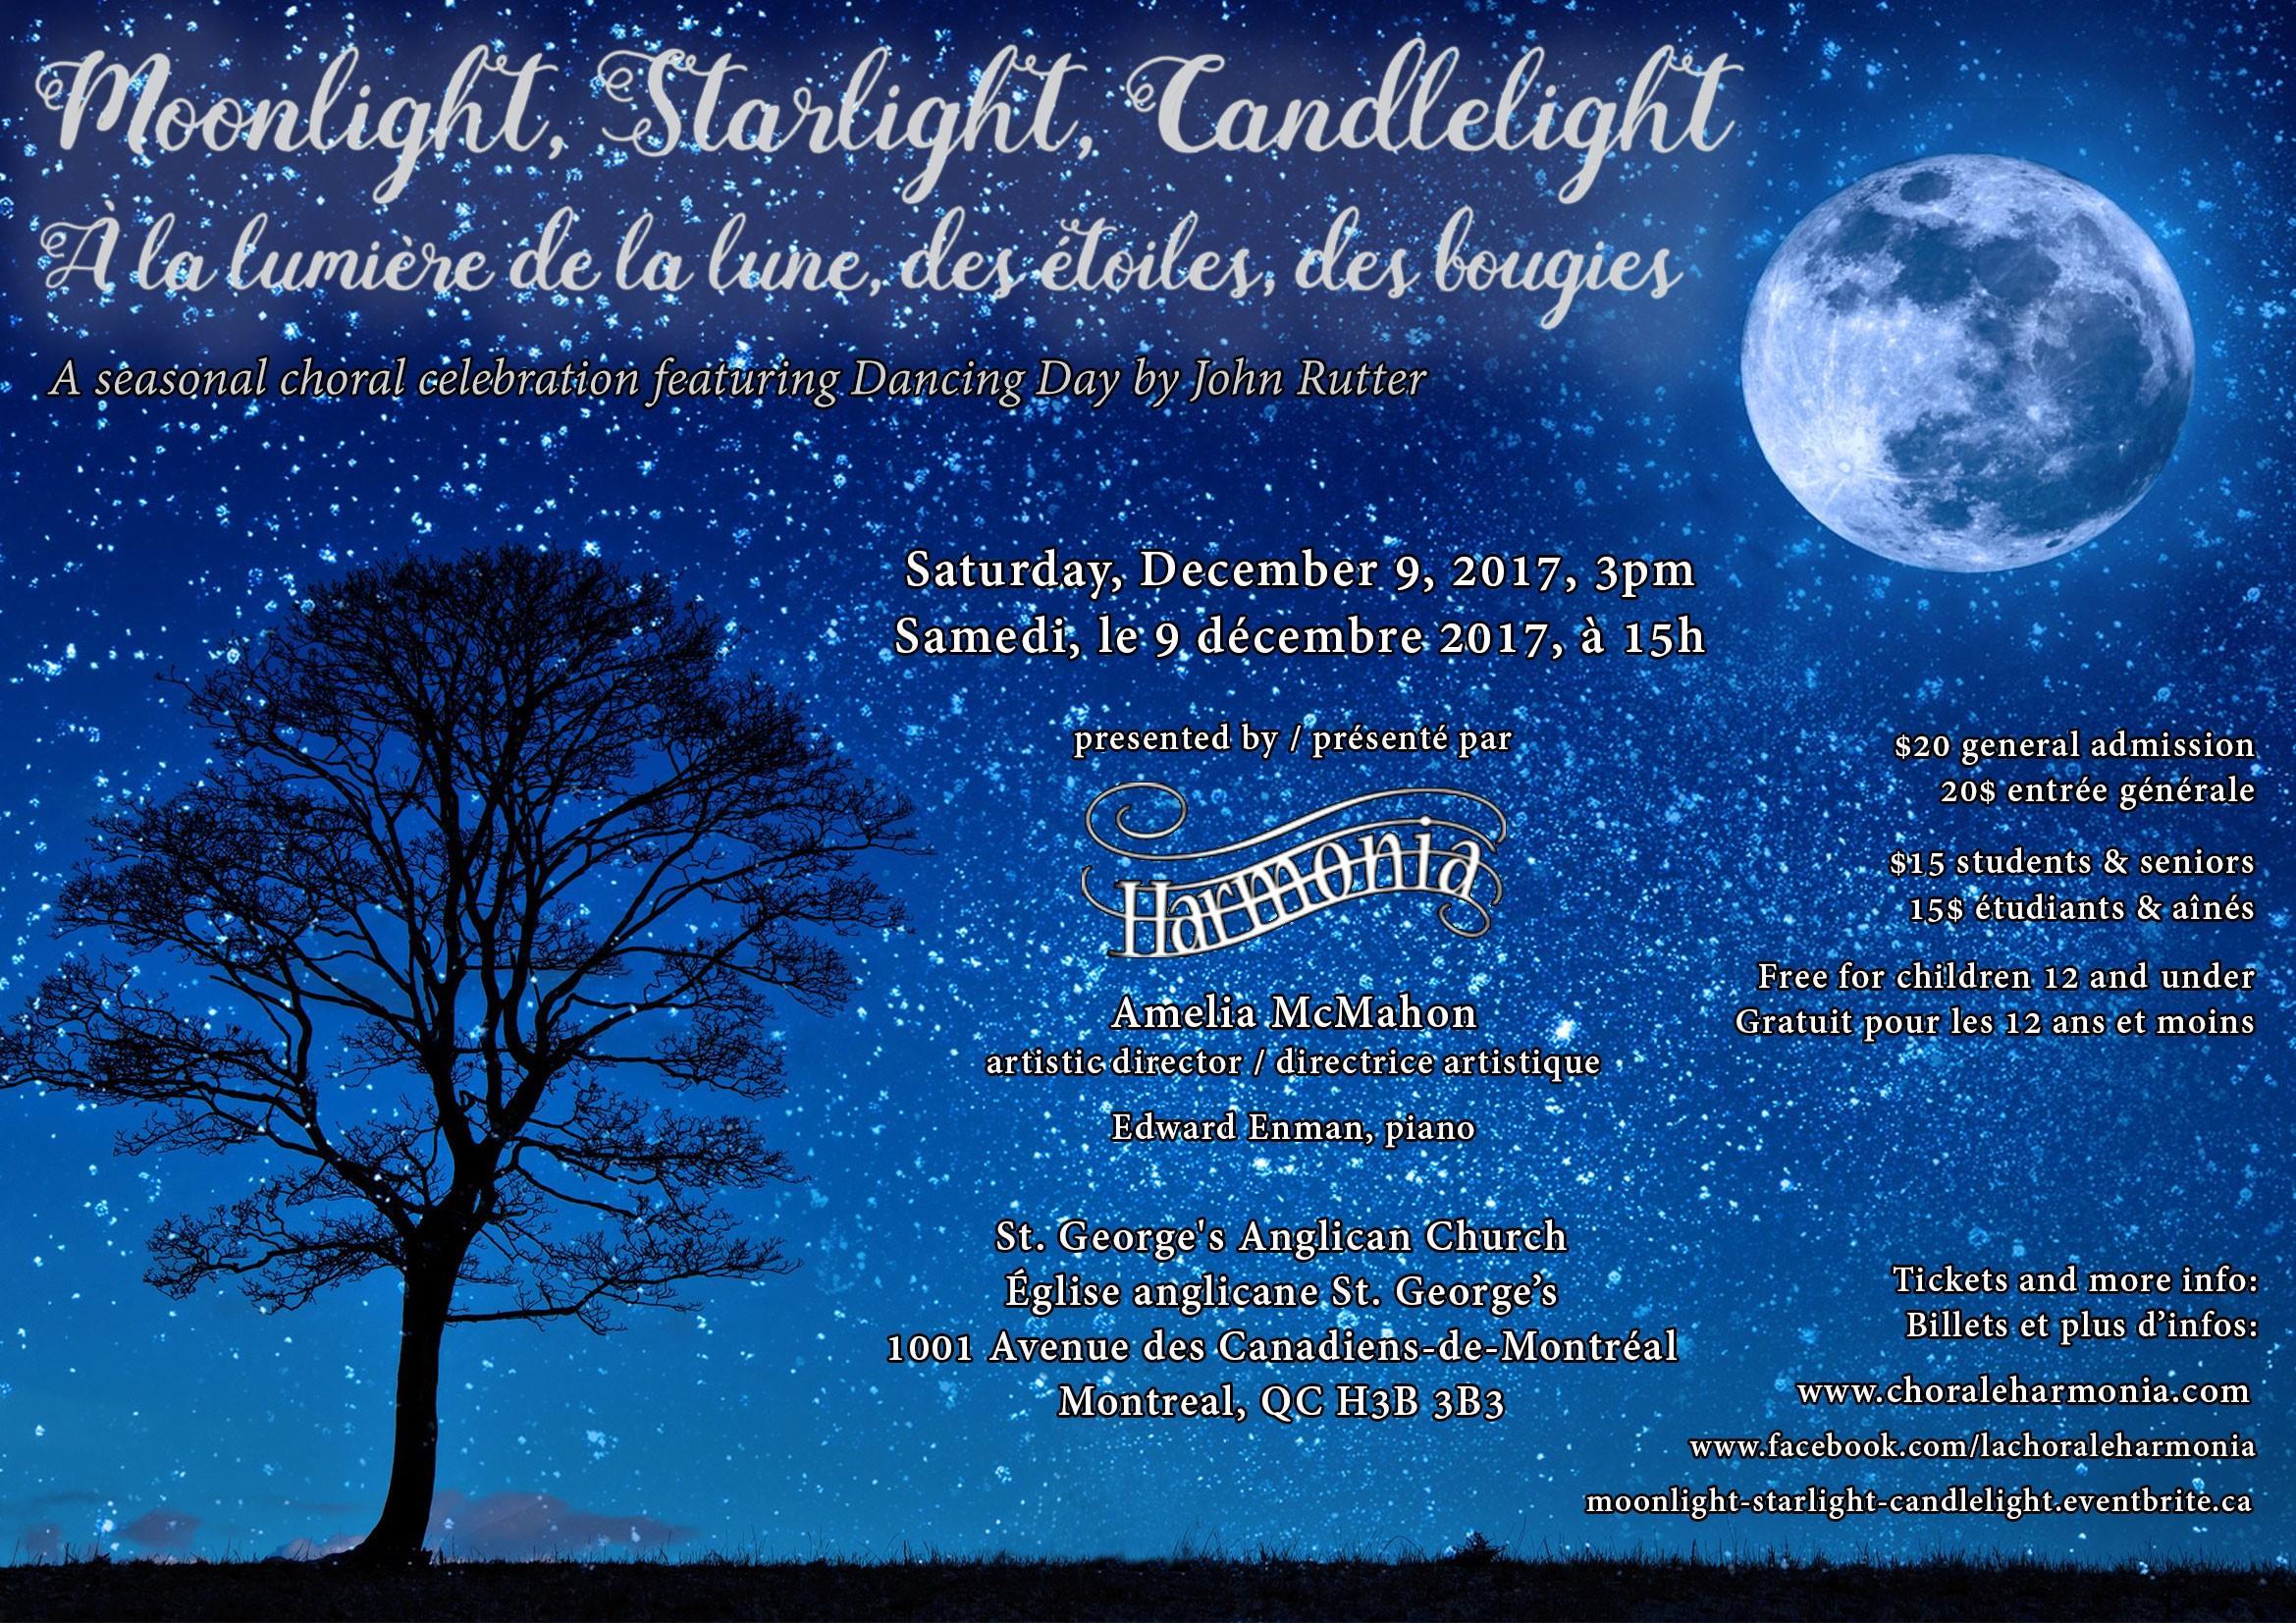 Moonlight Starlight Candlelight